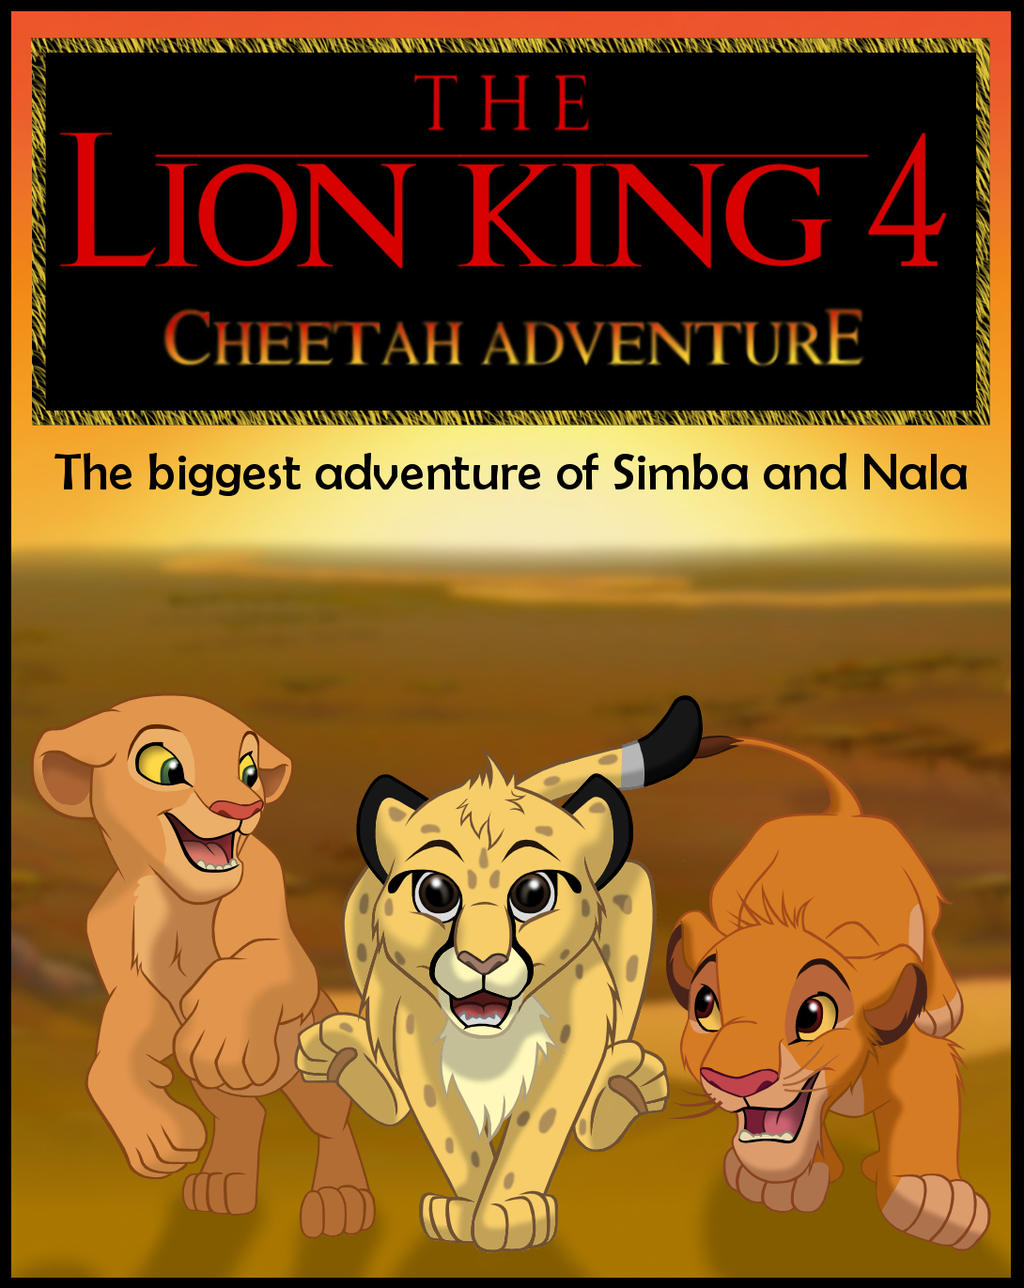 Si añadieran un personaje distinto animal a TLK ¿Cual quisieras que fuera? The_lion_king_4_movie_cover__fan_art__by_miesmauz-d6mdvfl